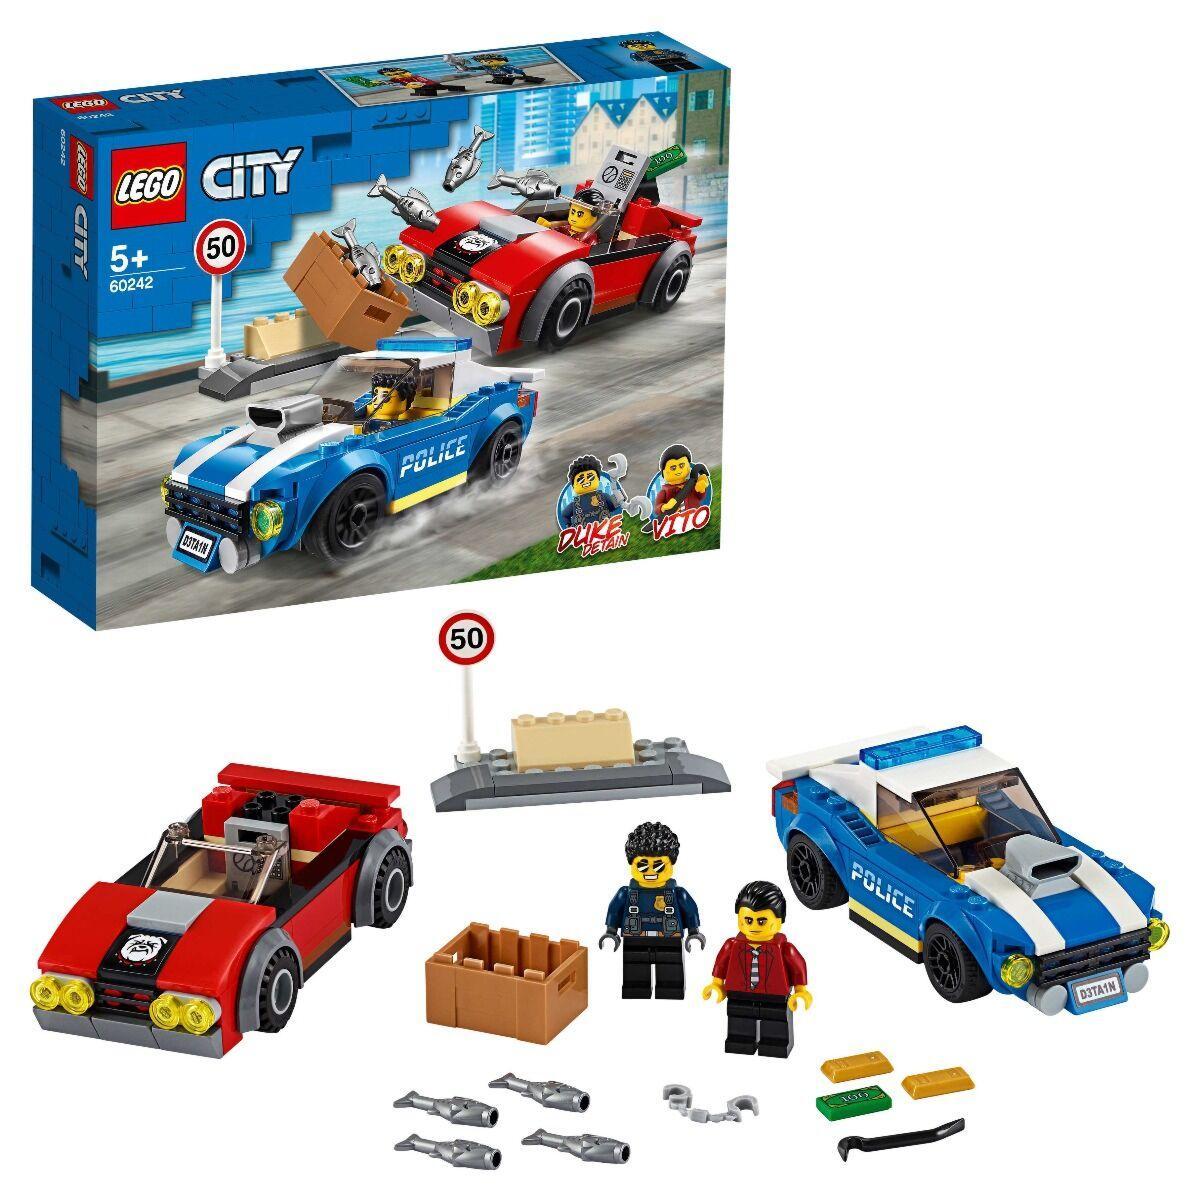 LEGO: Арест на шоссе CITY 60242